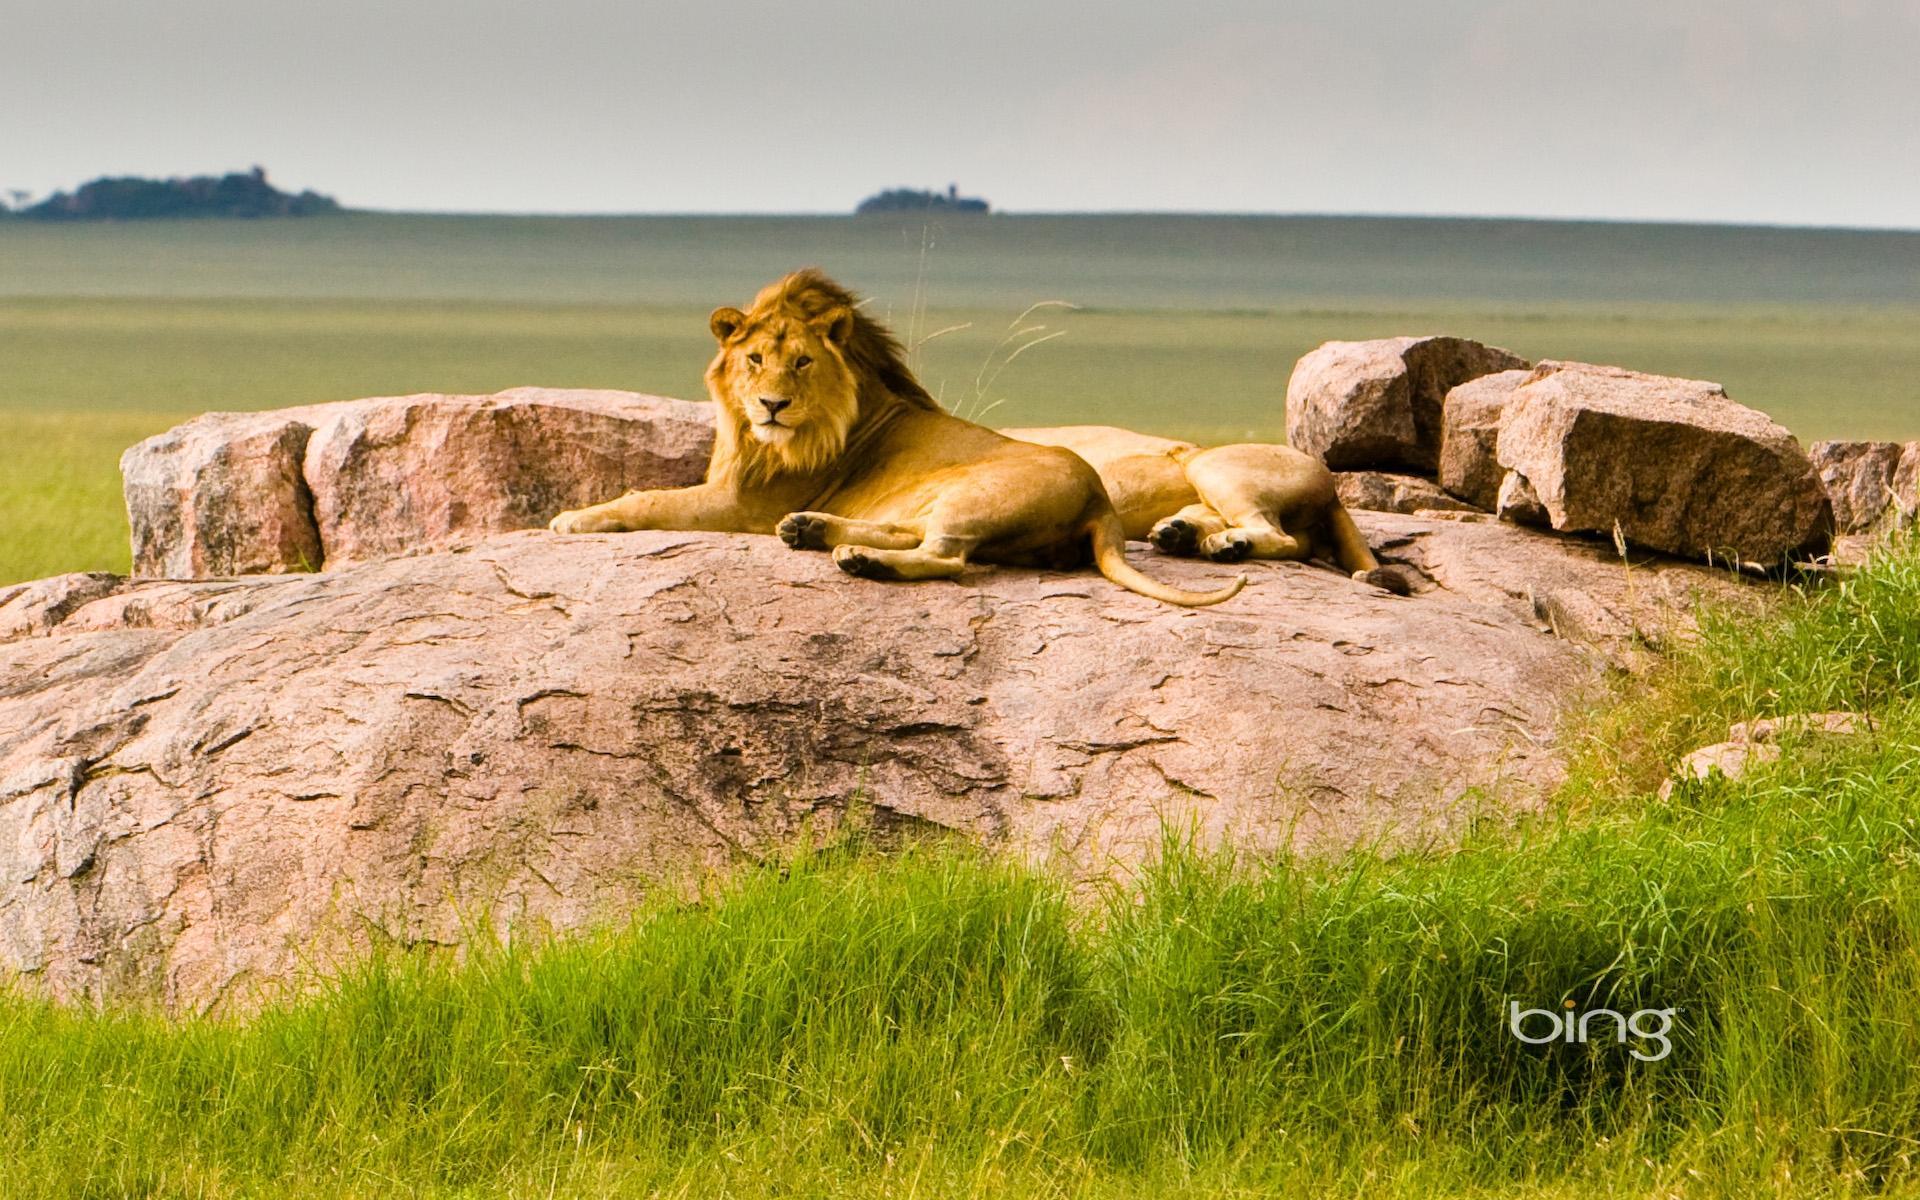 lion wallpaper, скачать фото, лев лежит на земле, обои для рабочего стола